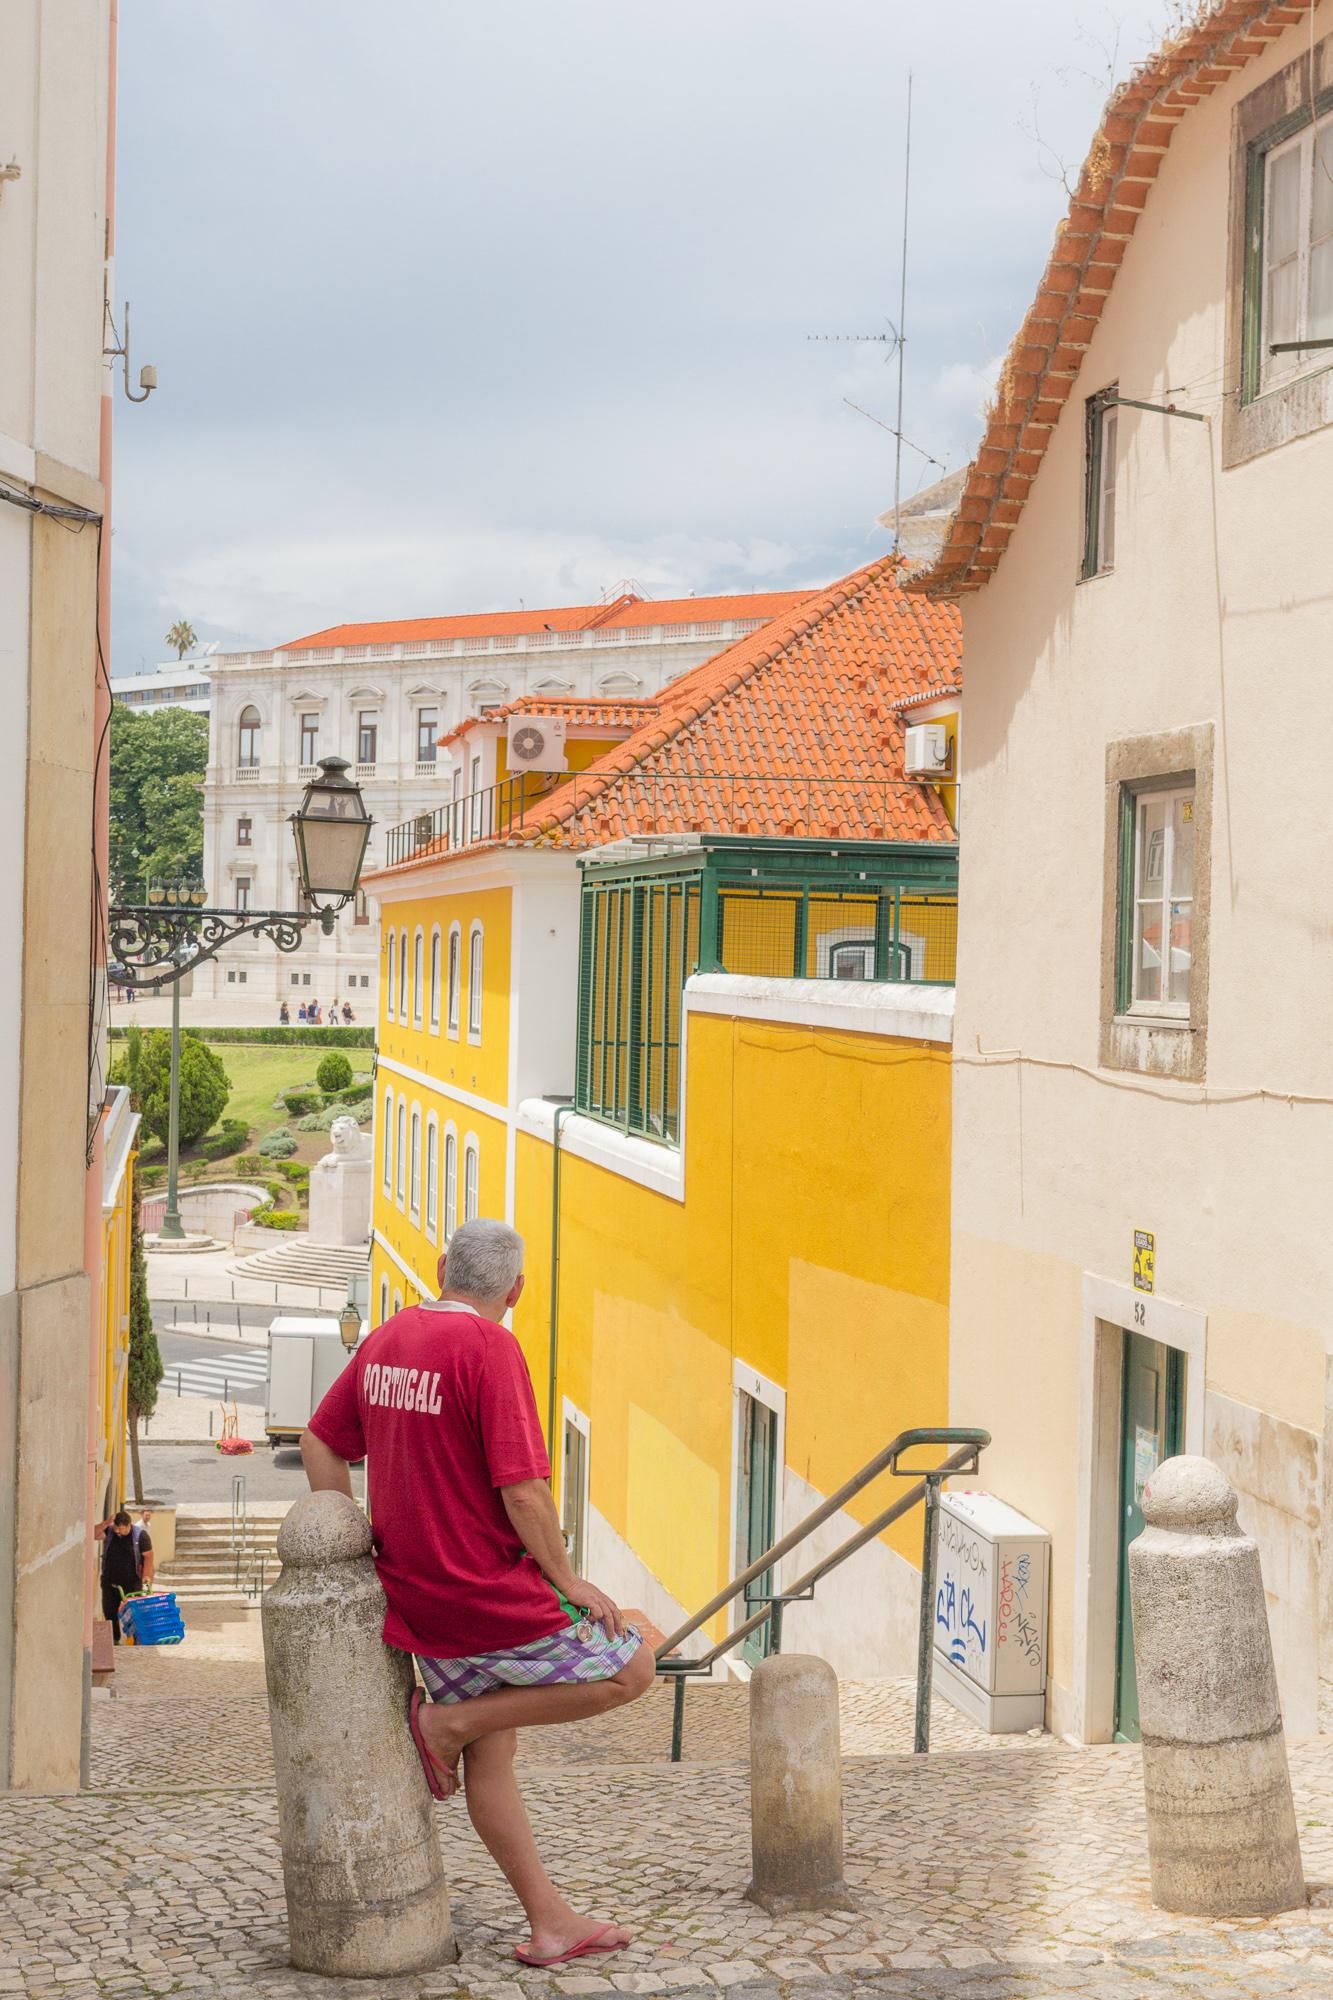 Habitant de Lisbonne avec t-shirt Portugal regardant vers le palais de Sao Bento